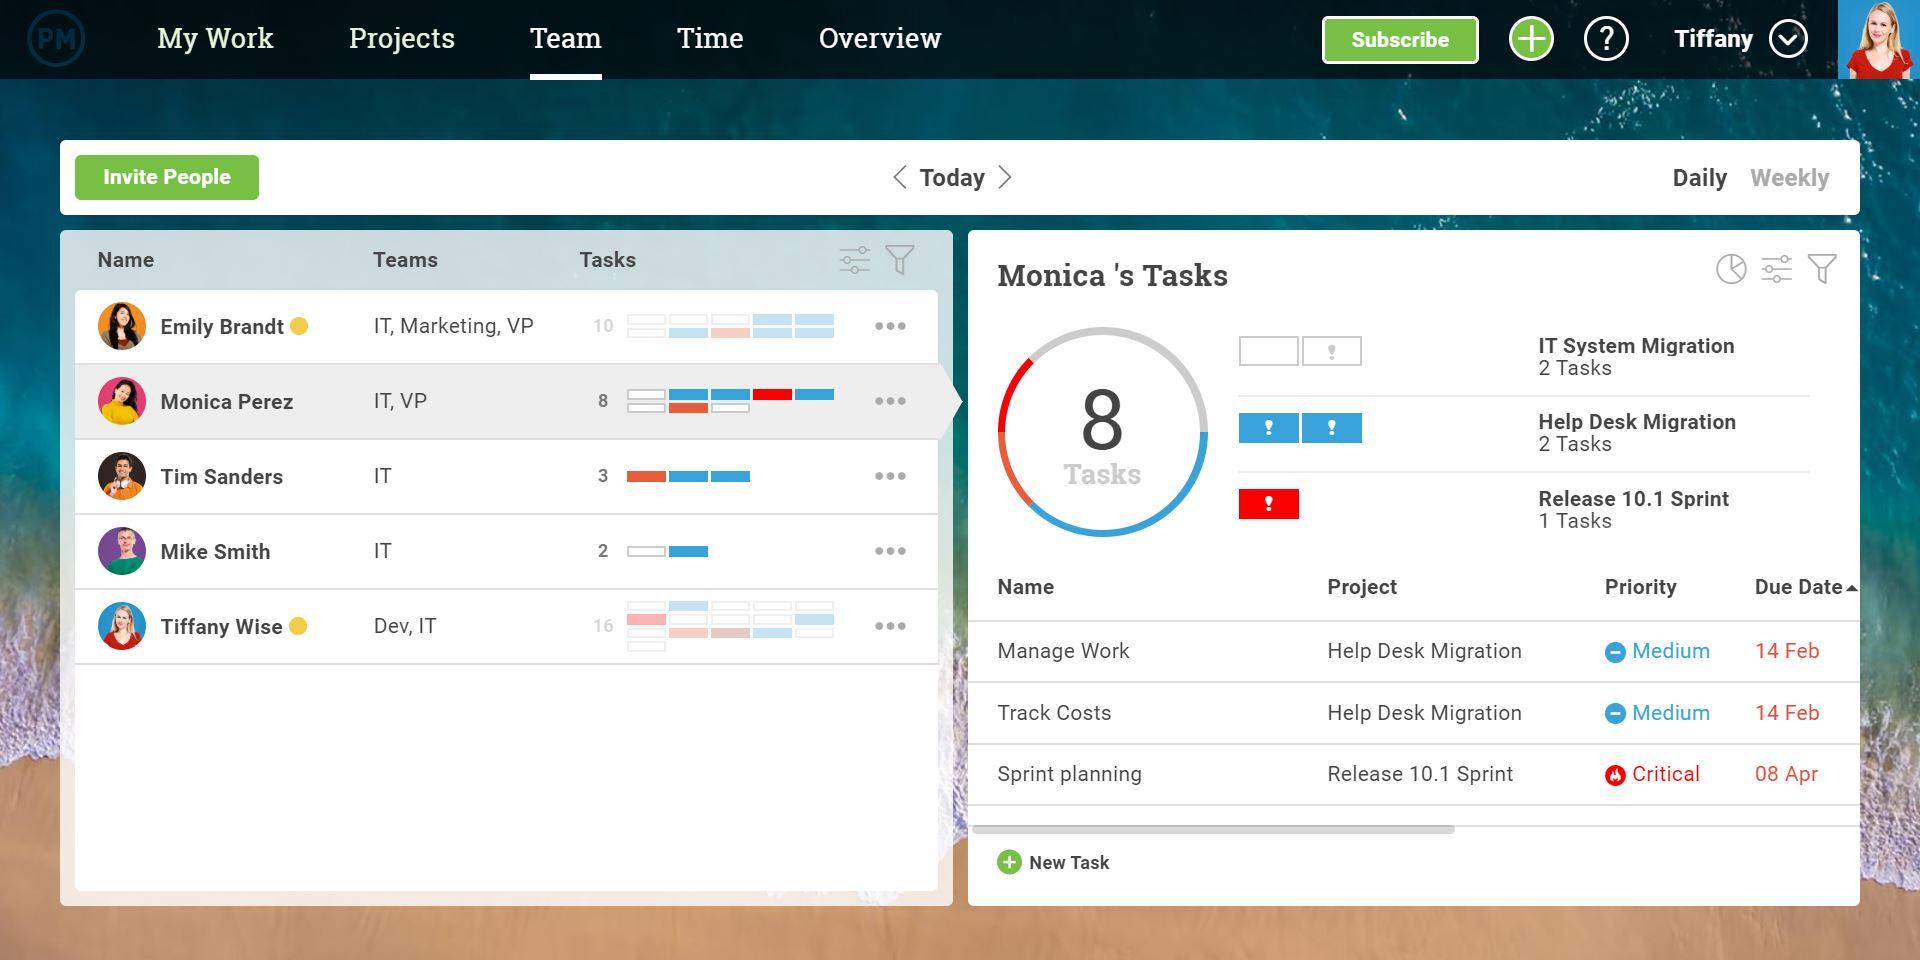 Vista de equipo en ProjectManager.com, que muestra los diferentes miembros asignados a un proyecto con estadísticas clave, incluido el progreso en tareas, roles de equipo y si están adelantados o con retraso.